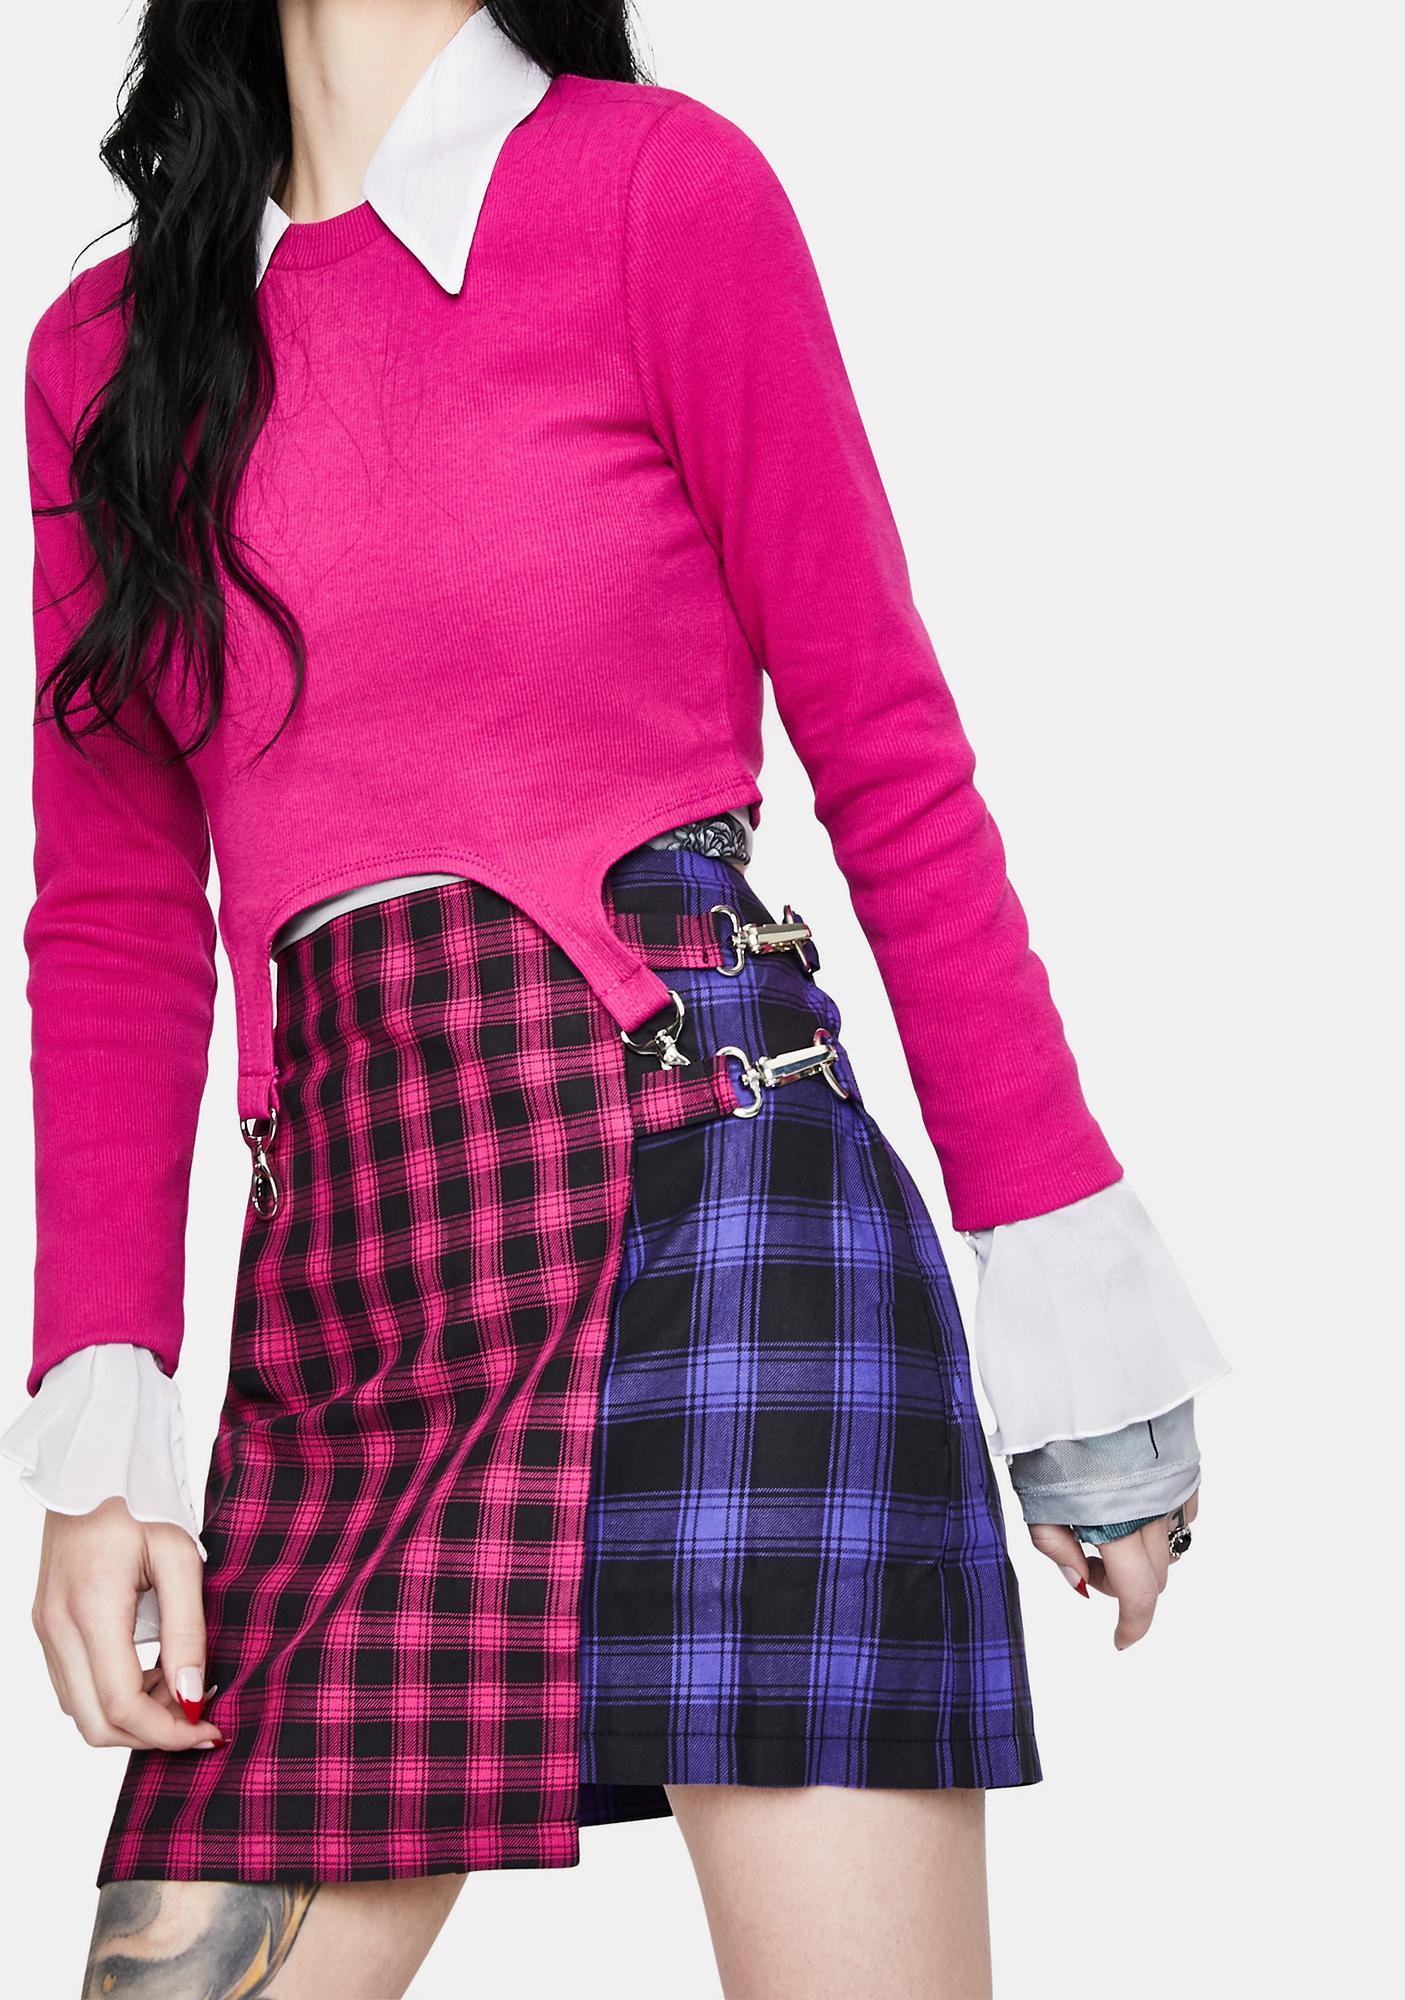 The Ragged Priest Matter Plaid Mini Skirt